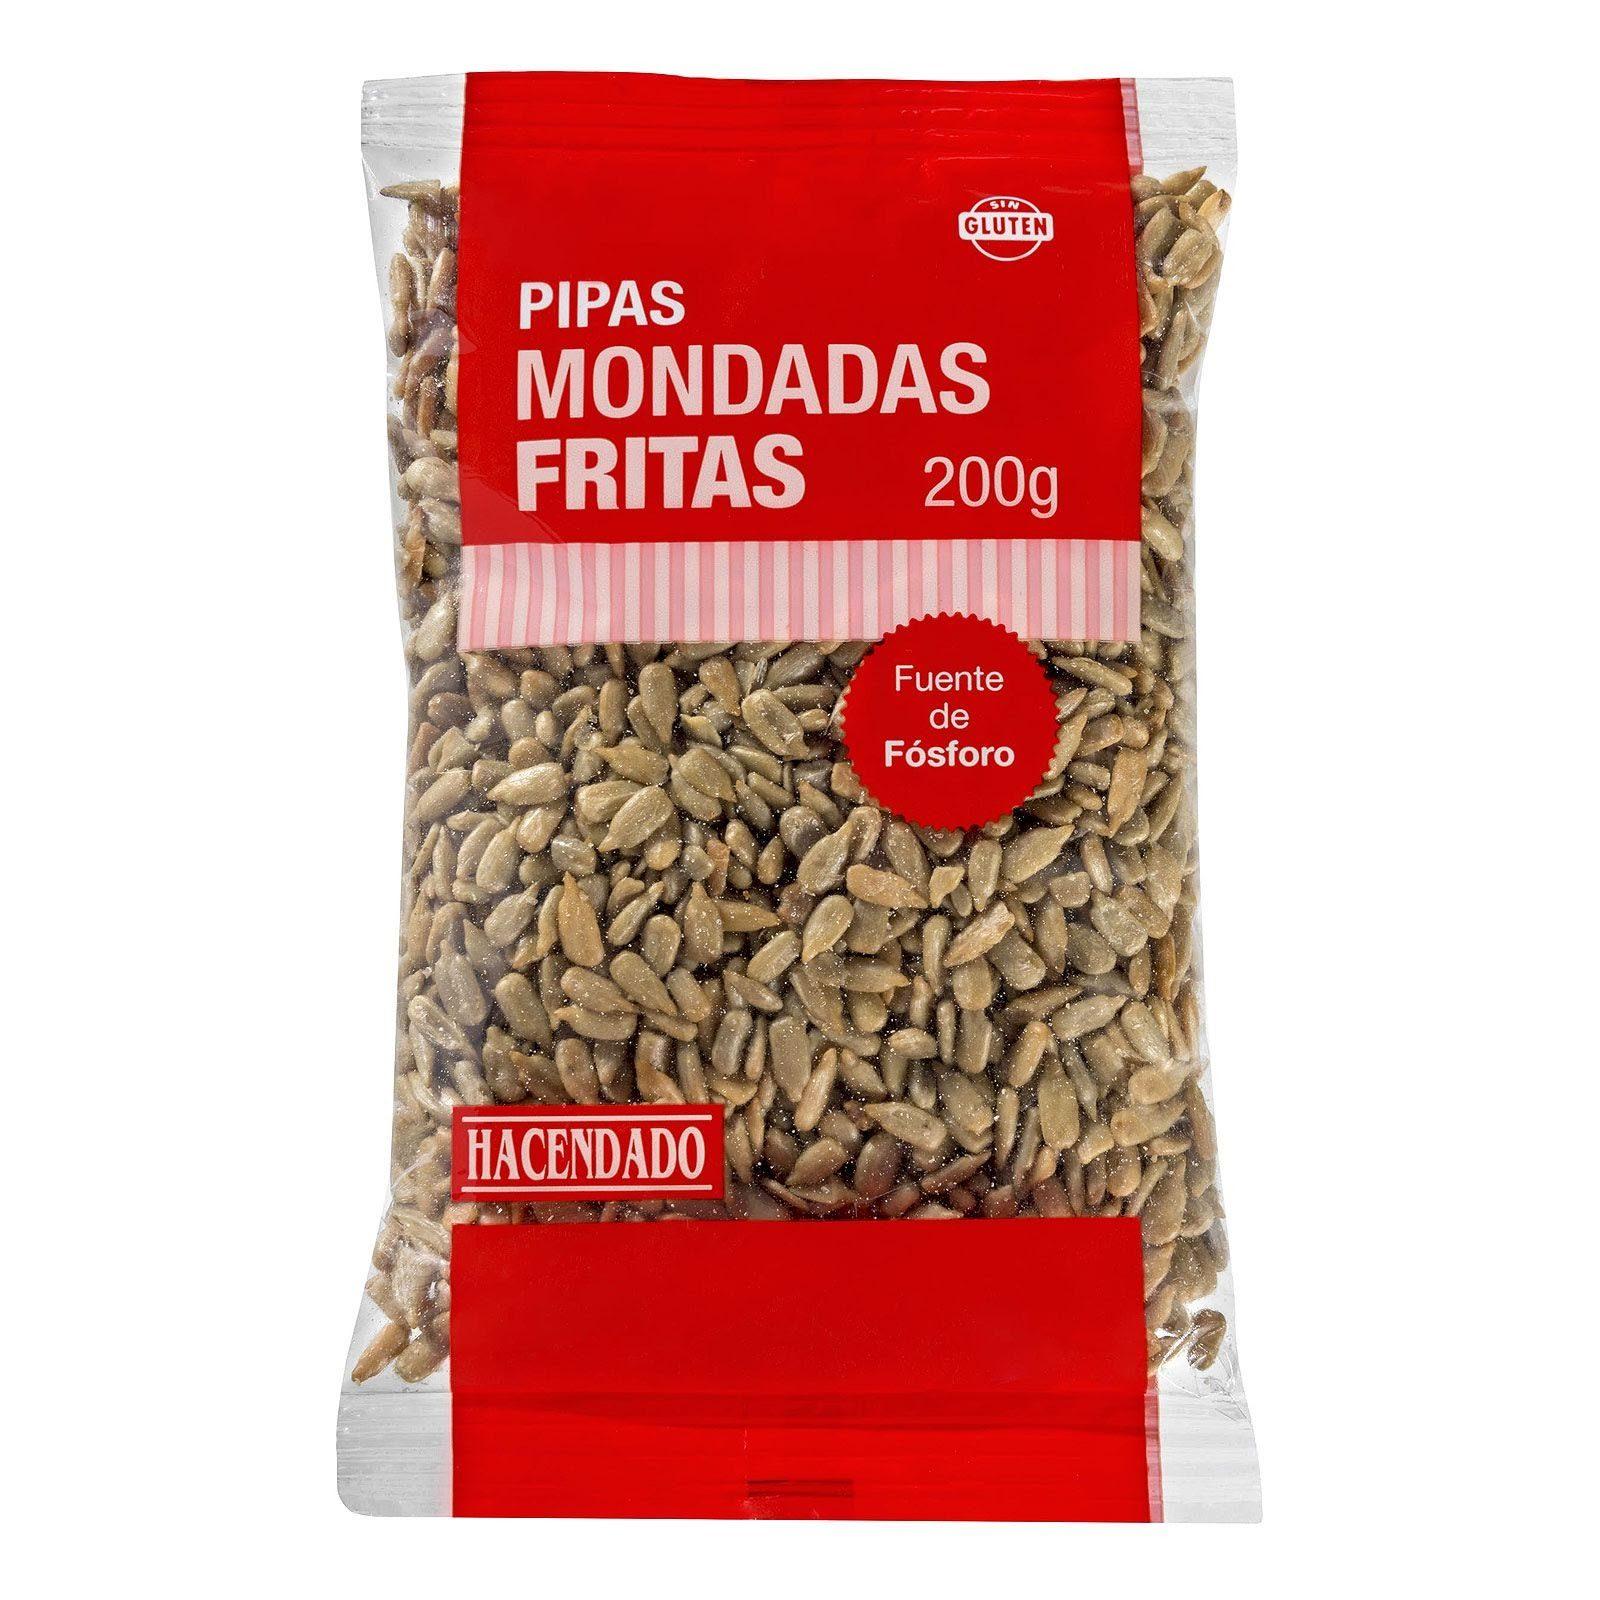 pipas-de-girasol-mondadas-fritas-hacendado-mercadona-1-8163993